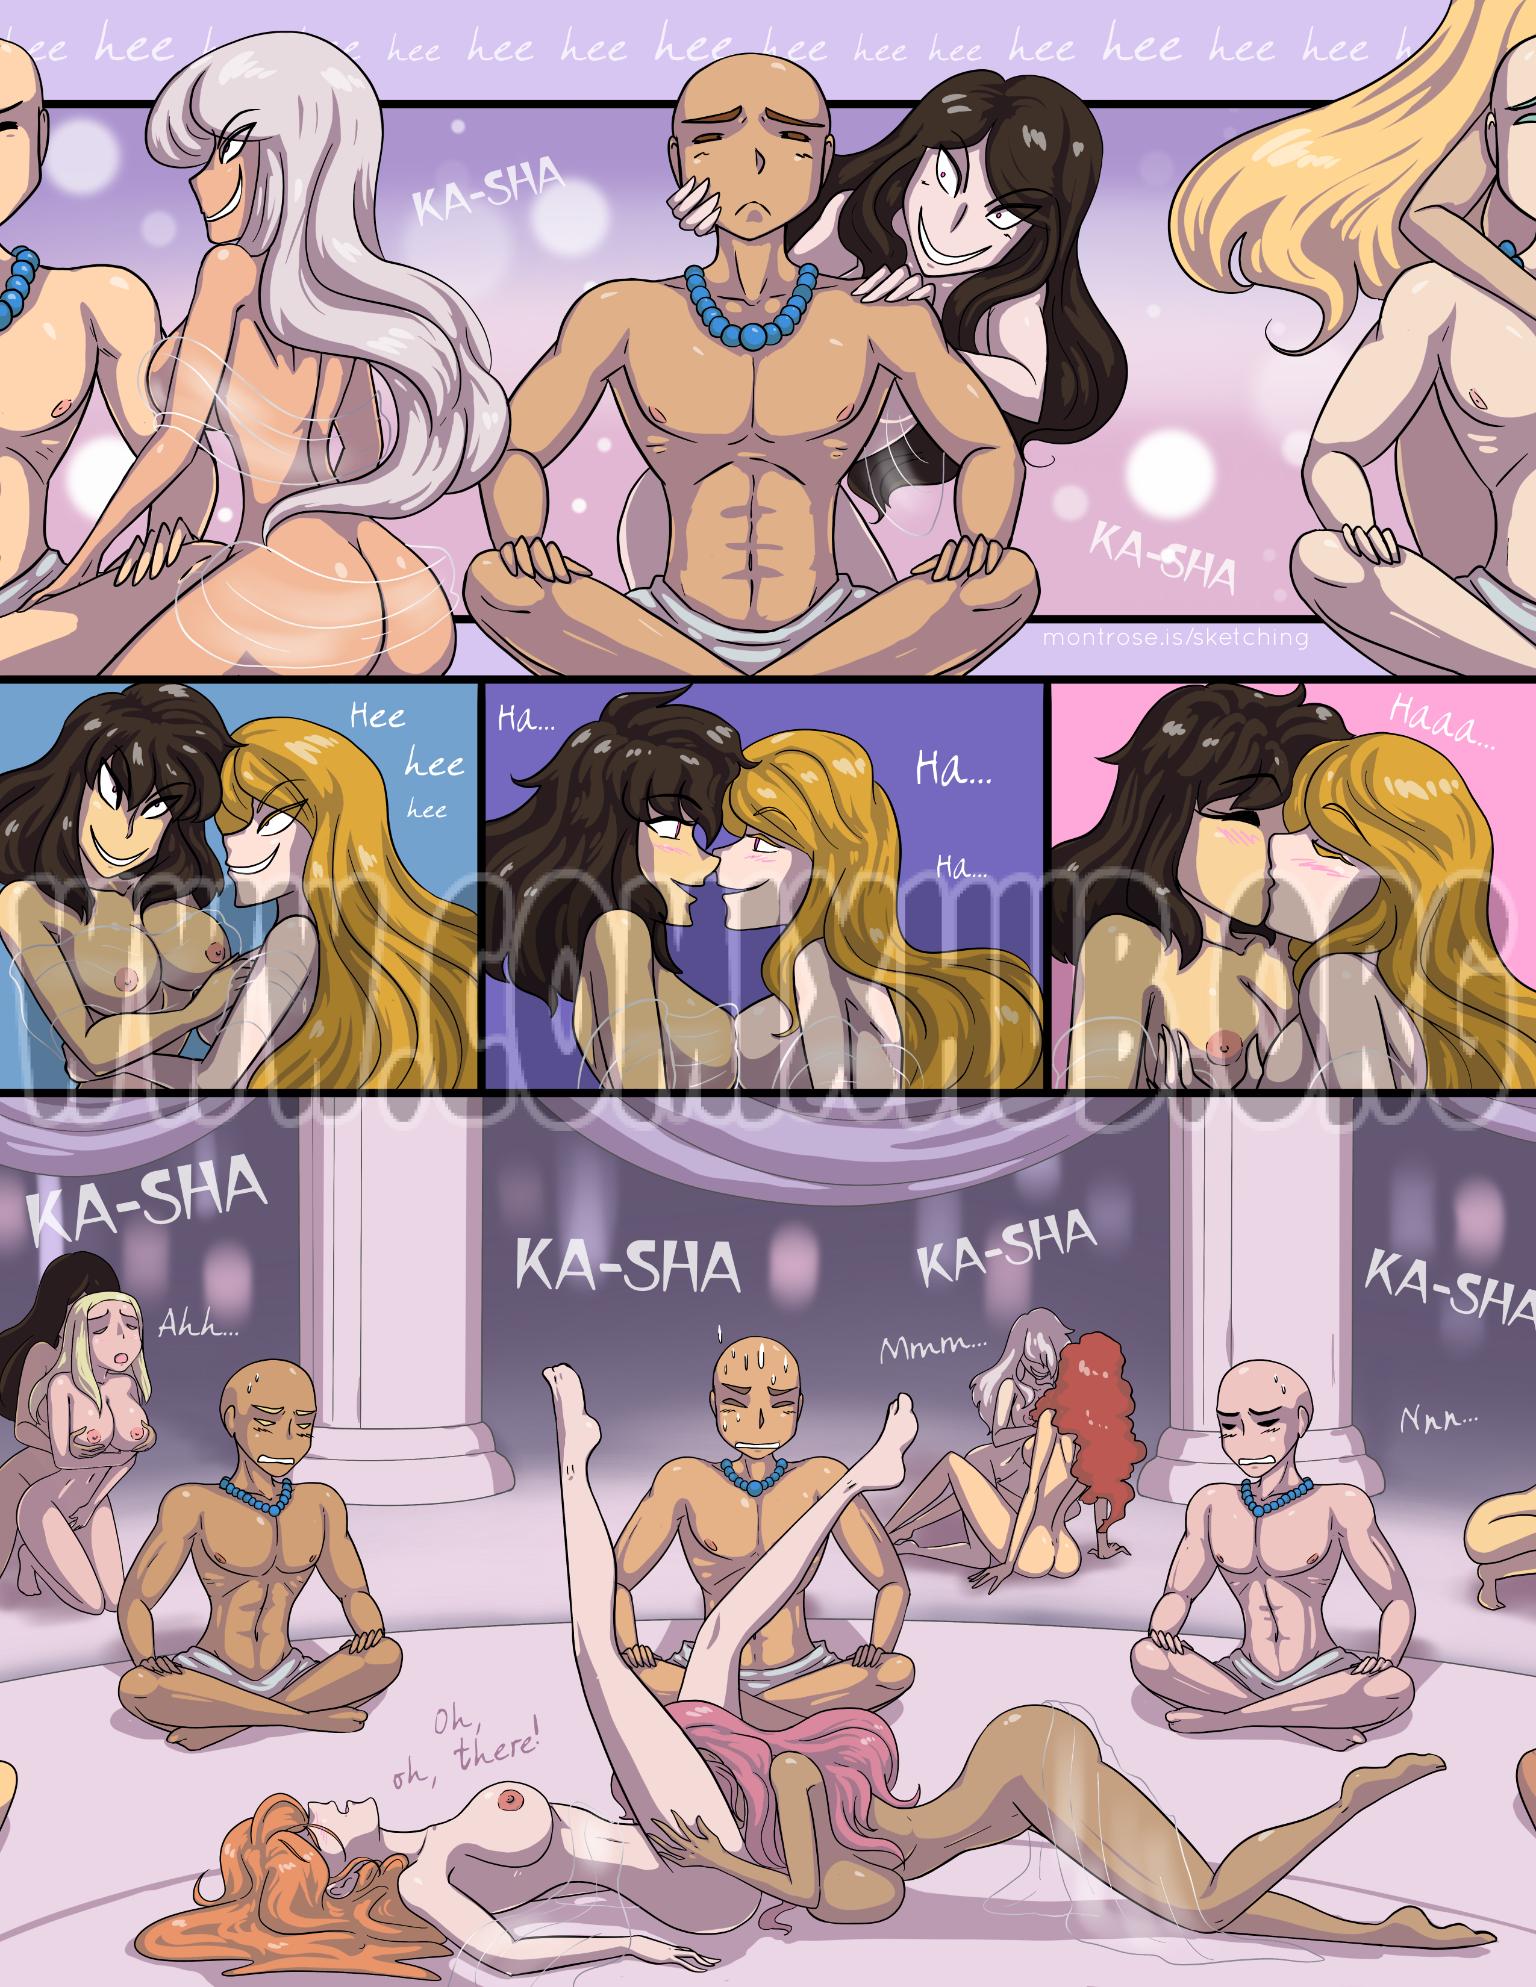 The Trial Kittyhawk Oral sex, cunnilingus, Lesbians, Masturbation